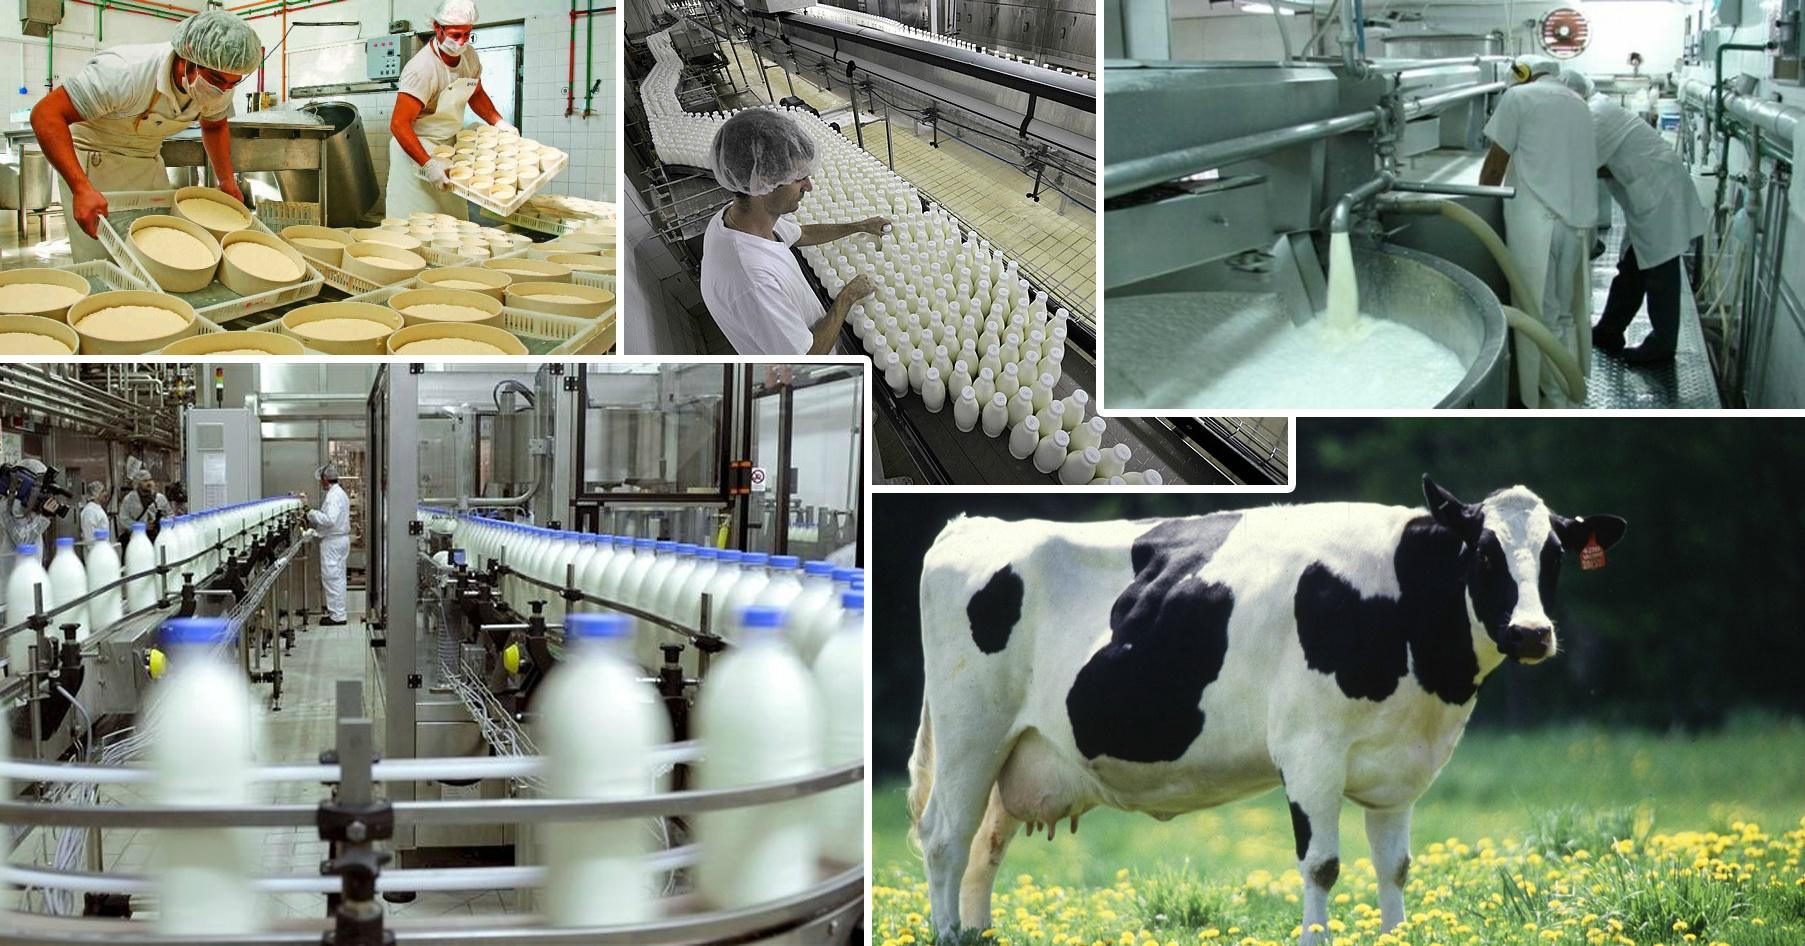 Готовый бизнес-план строительства молокозавода и молочной фермы (с финрасчетами)